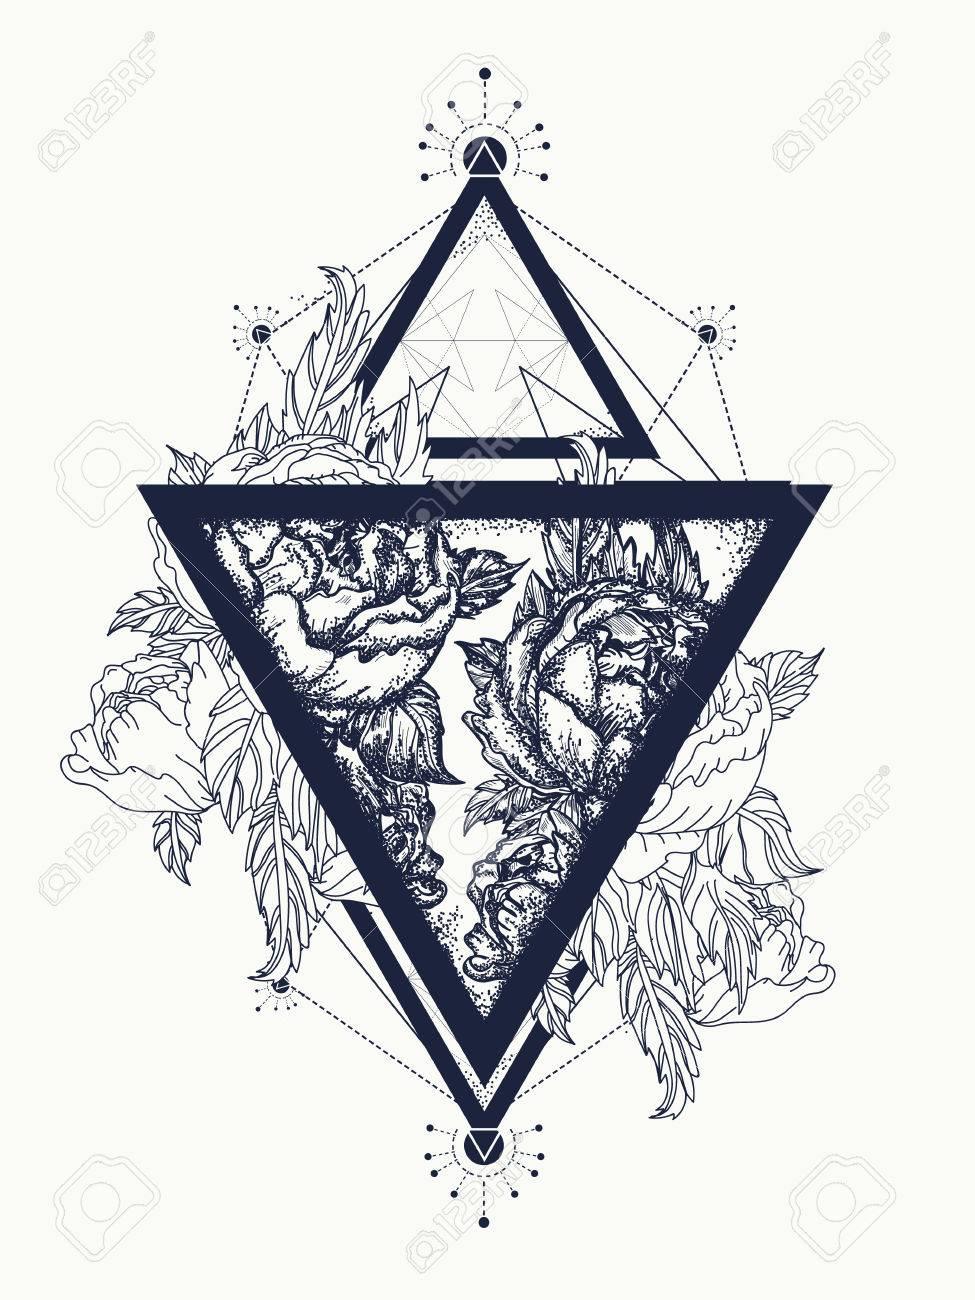 Roses Dans Un Triangle Tatouage Art Symbole De Liberte De Beaute